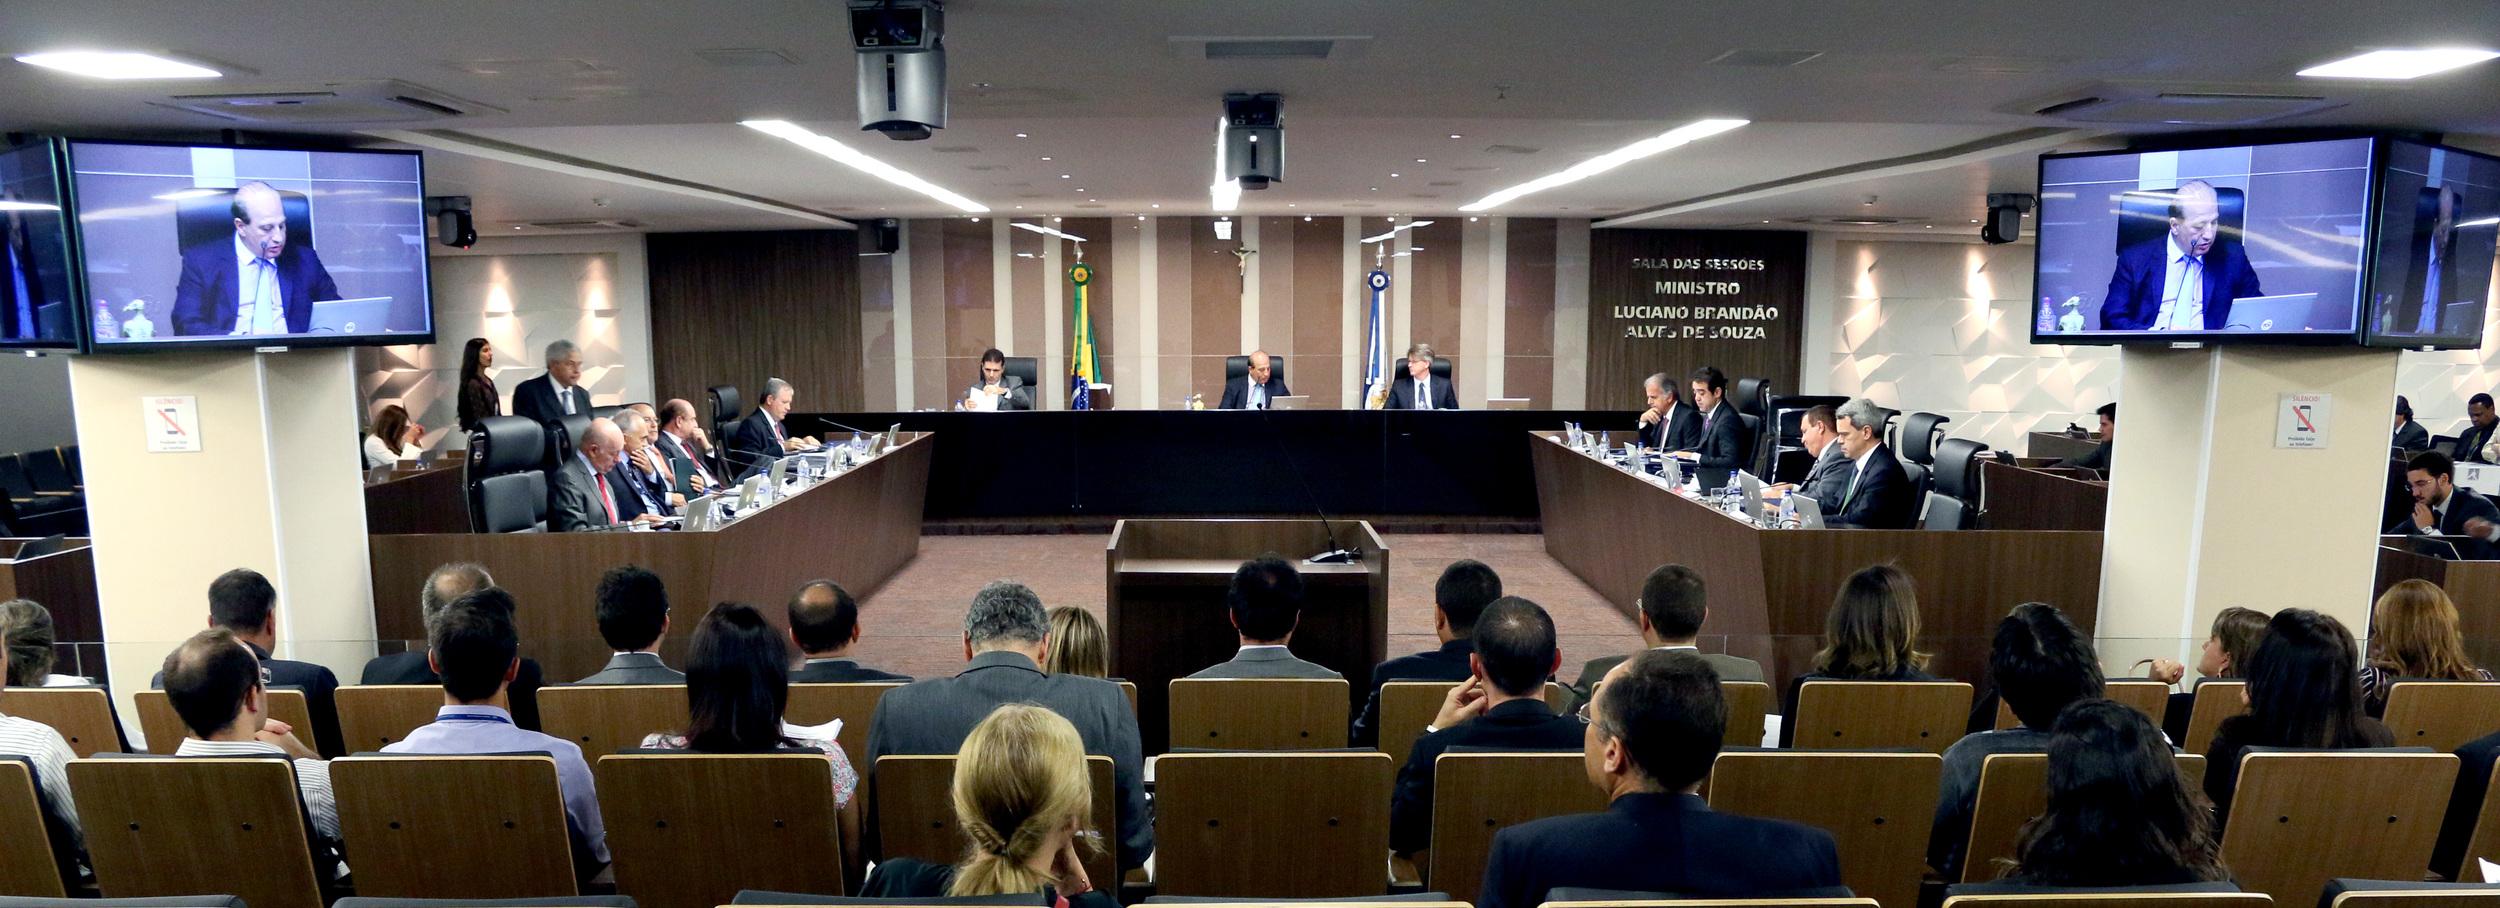 Sessão de julgamento foi realizada na quarta-feira (05) de novembro, no plenário do TCU. Foto: Filipe Calmon ANESP